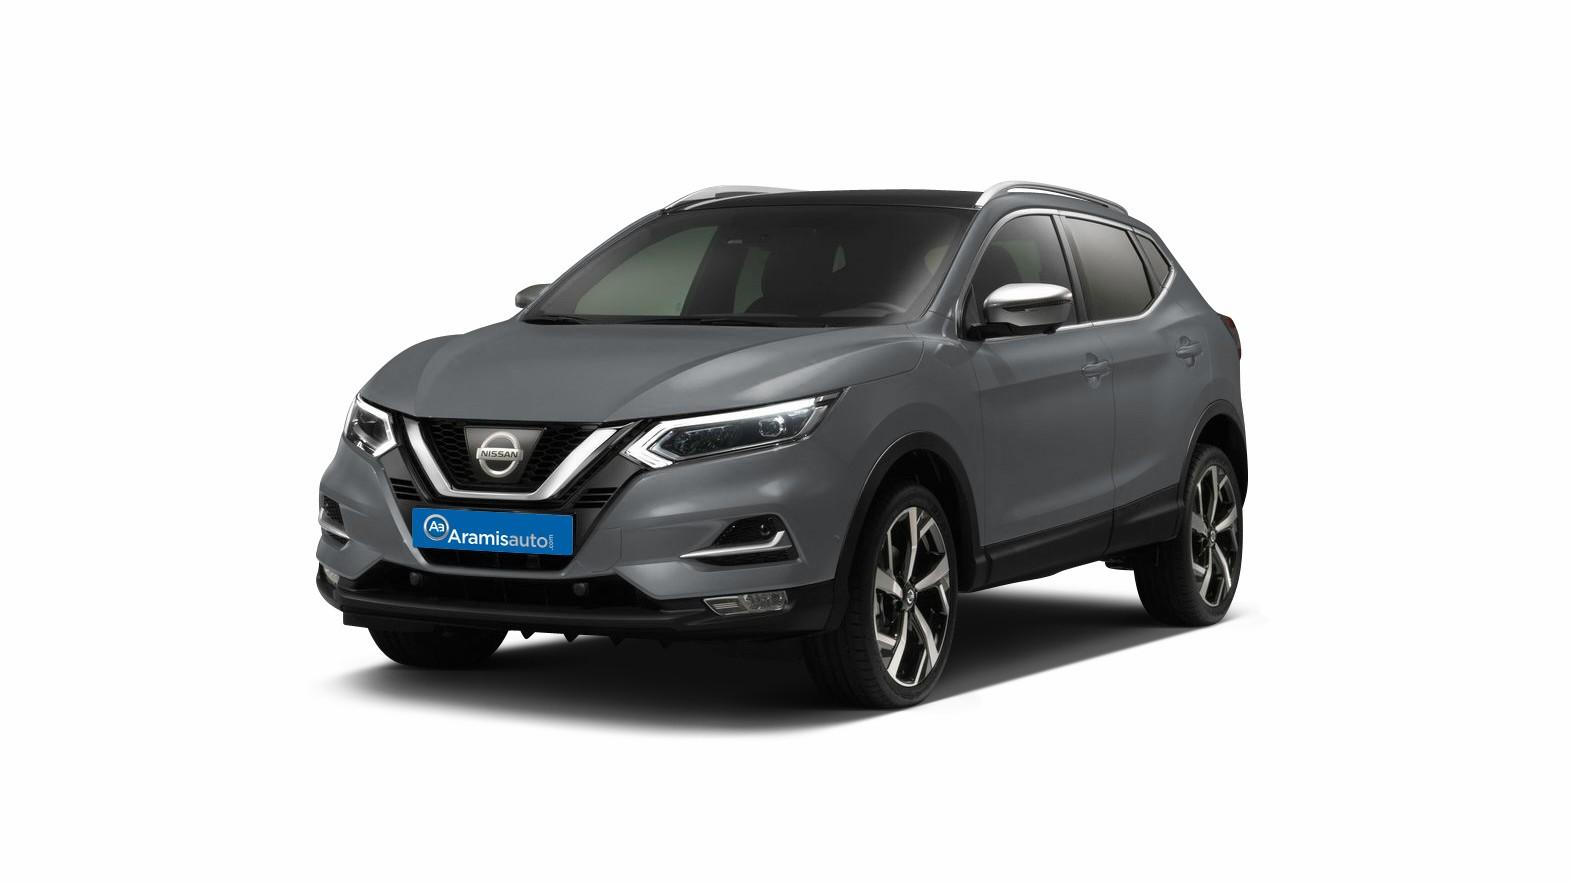 Nissan Qashqai Nouveau 4x4 Et Suv 5 Portes Essence 1 3 Dig T 140 Boite Manuelle Finition N Connecta V239095 Aramisauto